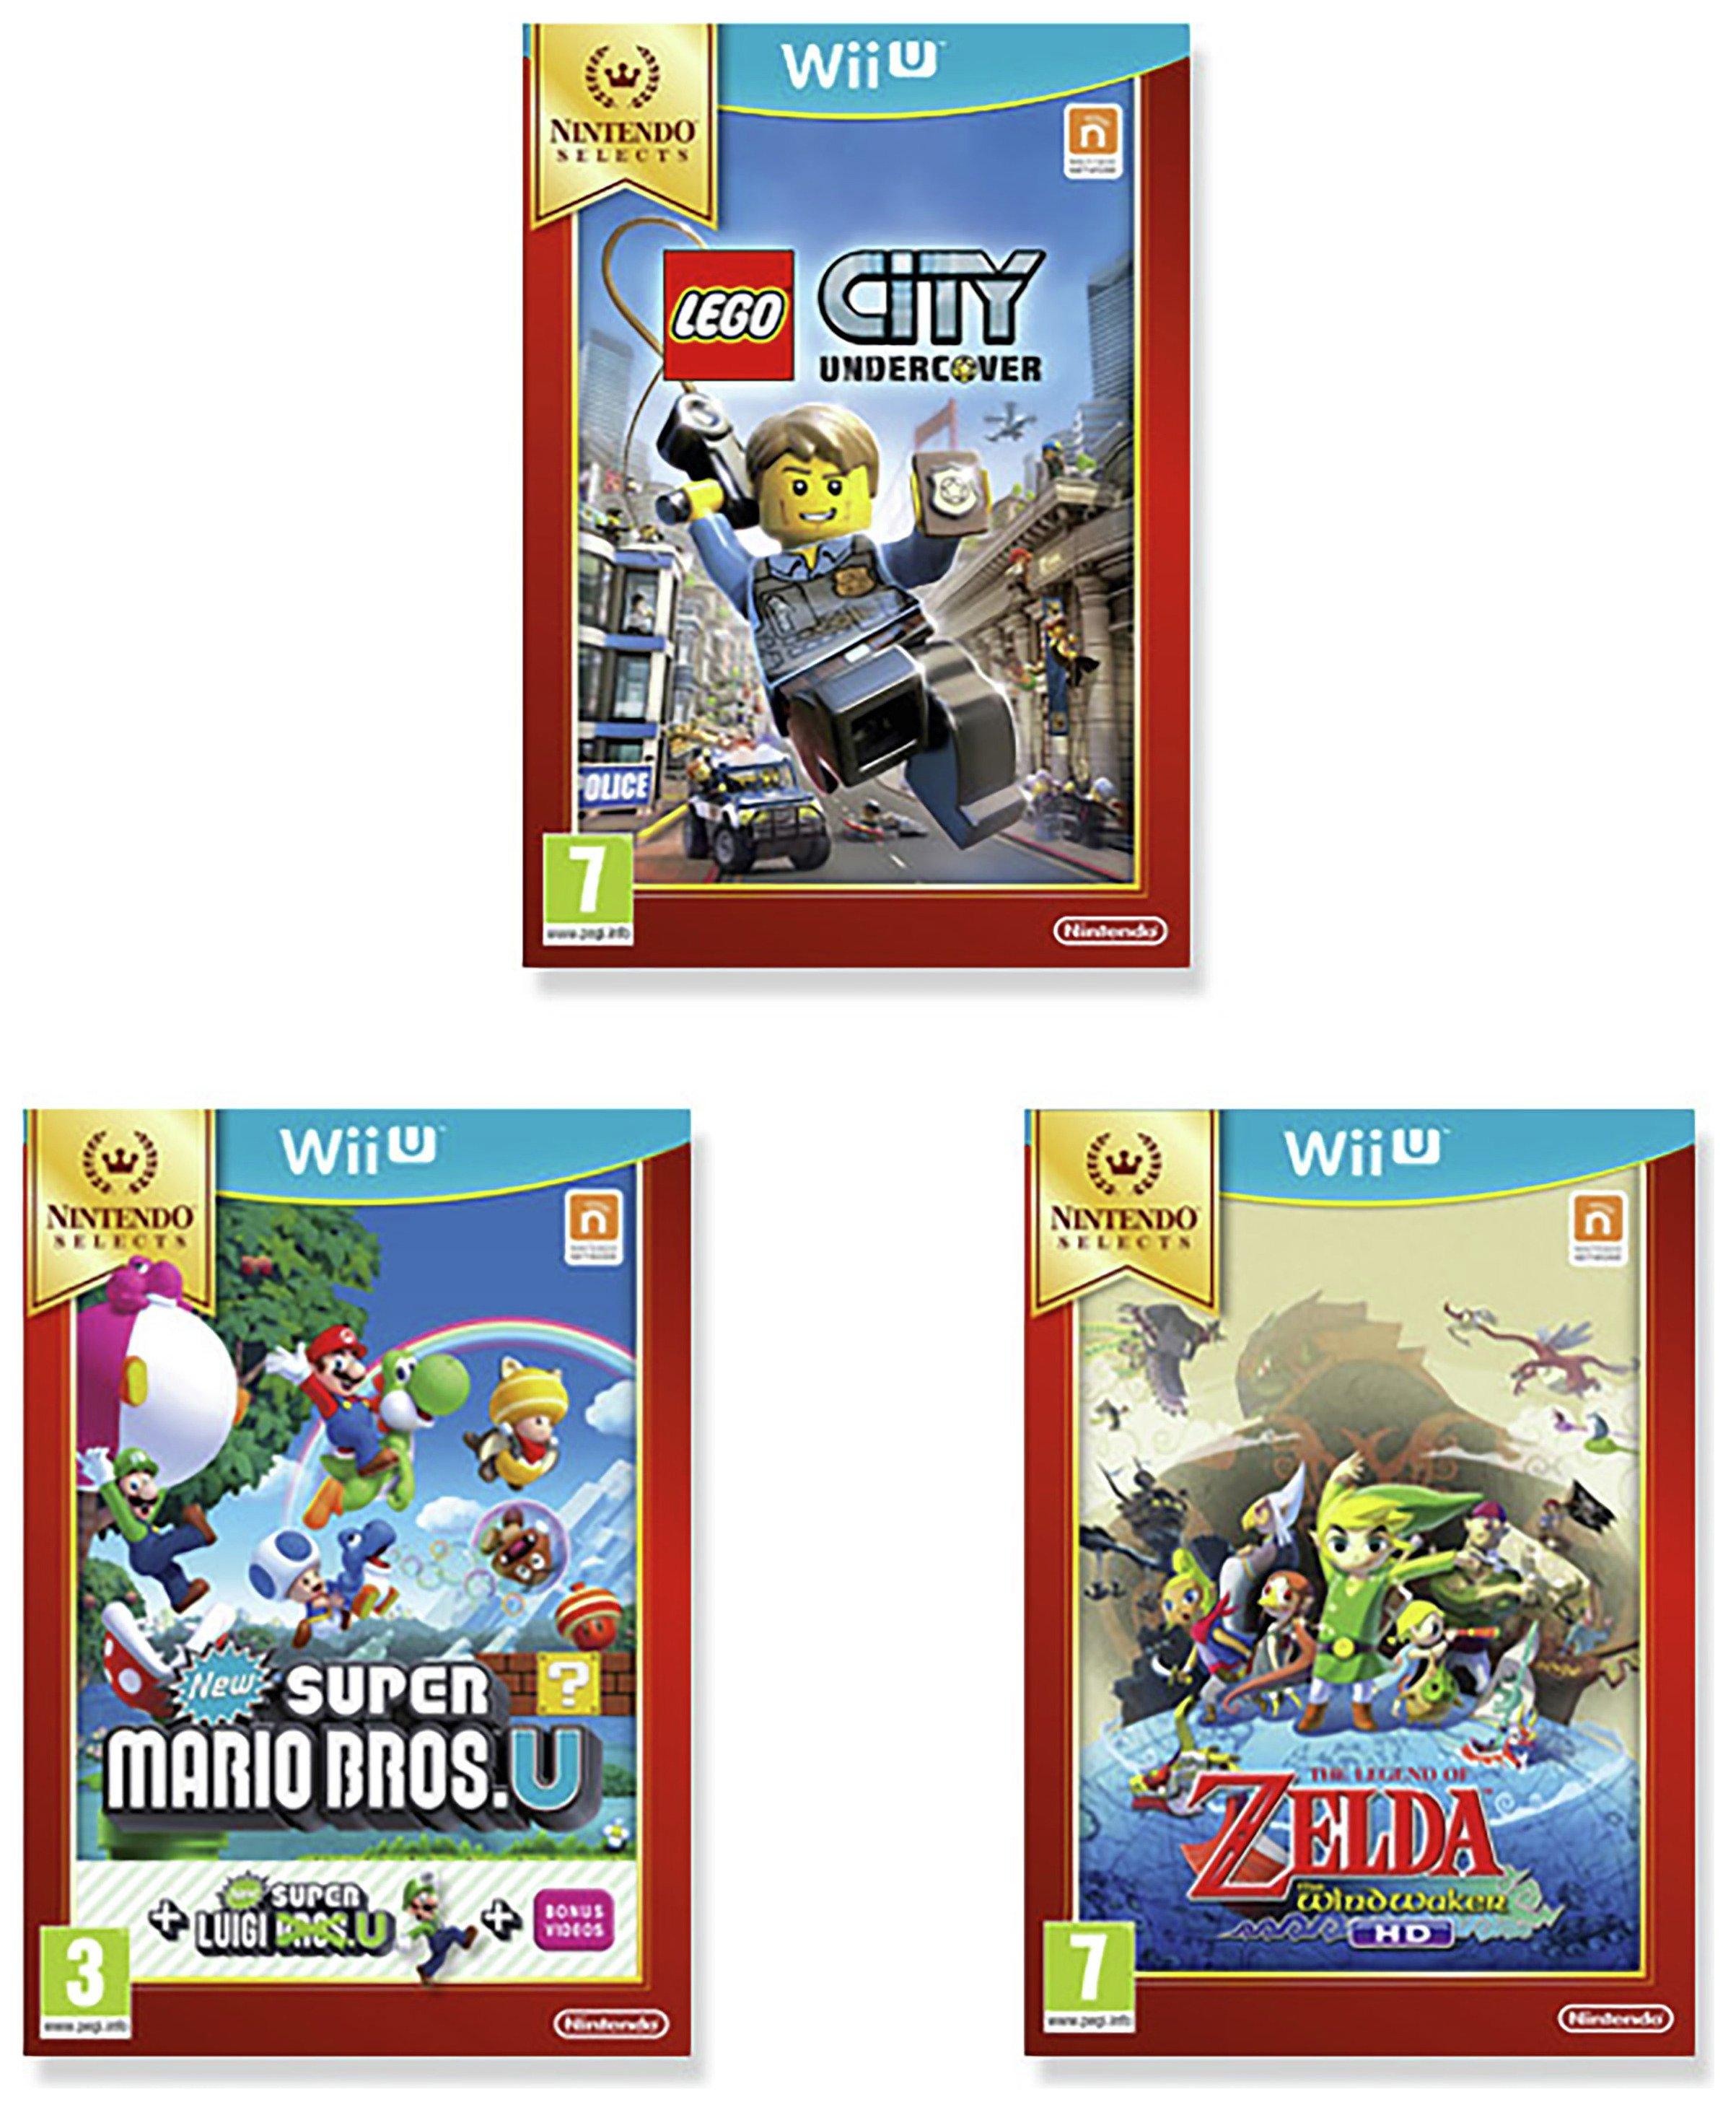 Nintendo Nintendo Wii U Selects Triple Games Pack.